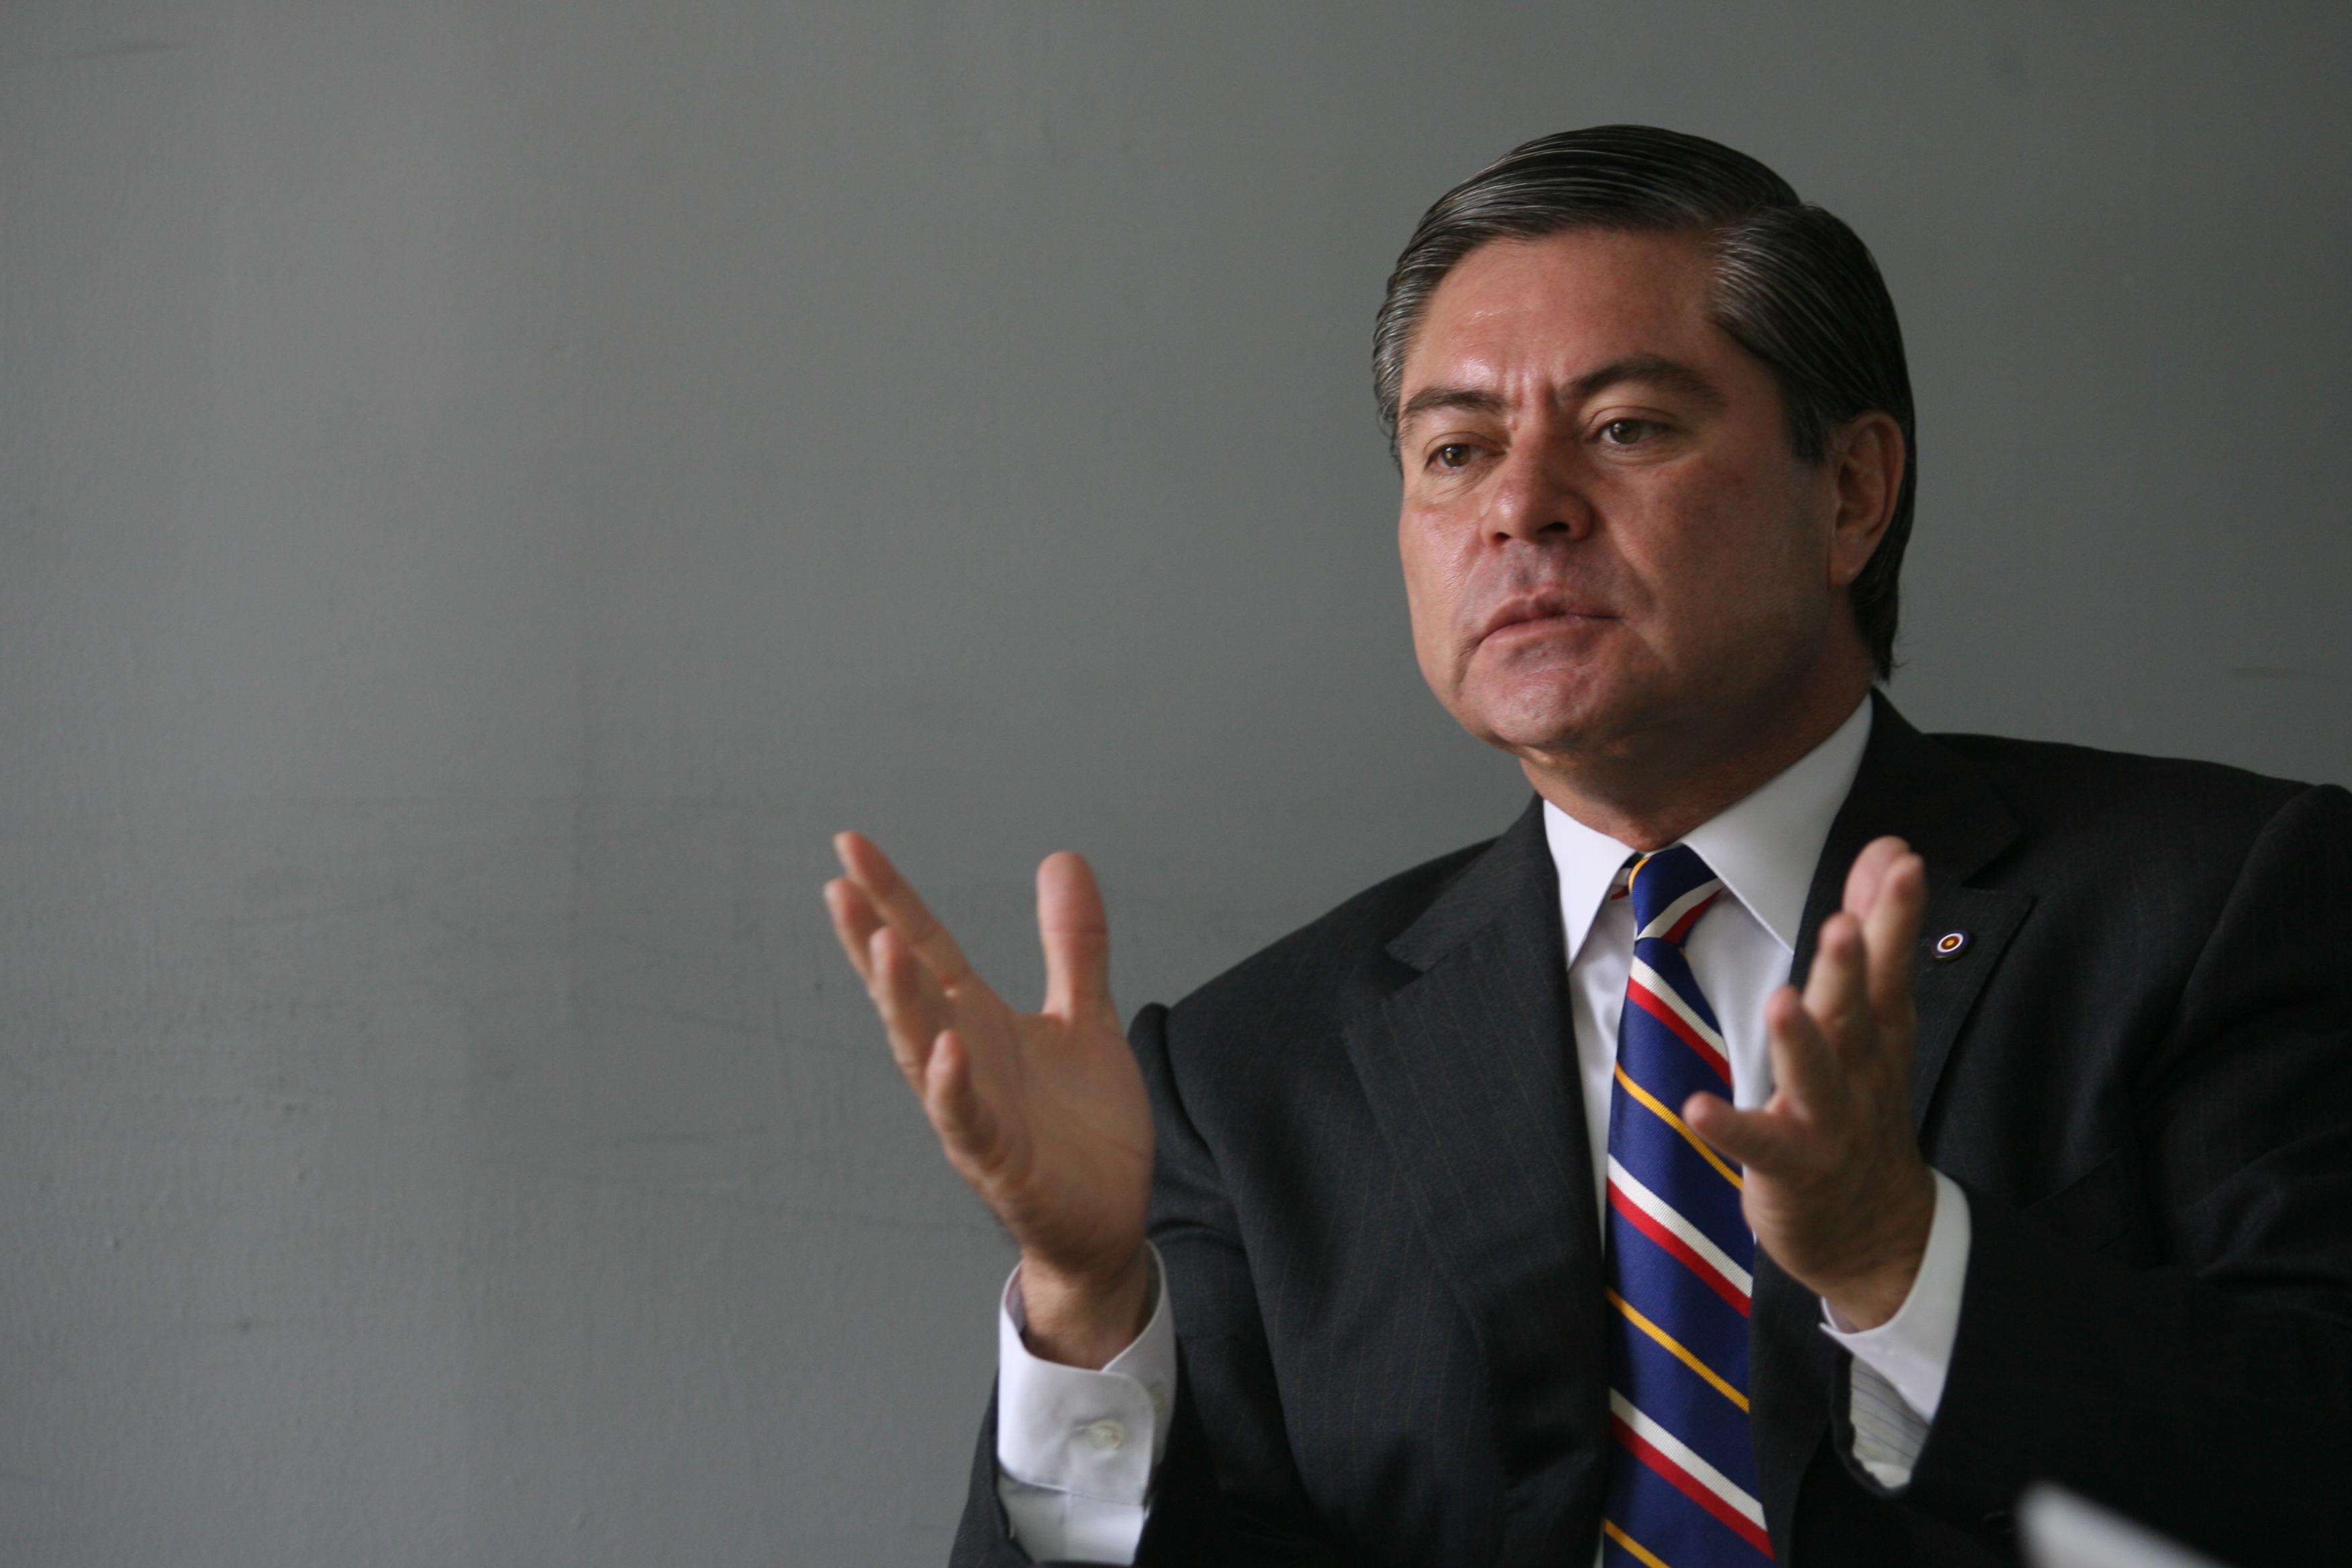 Mario Estrada candidato presidencial del partido Unión del Cambio Nacional (UCN), acusado de vínculos con el cartel de Sinaloa. (Foto Prensa Libre: Hemeroteca PL)